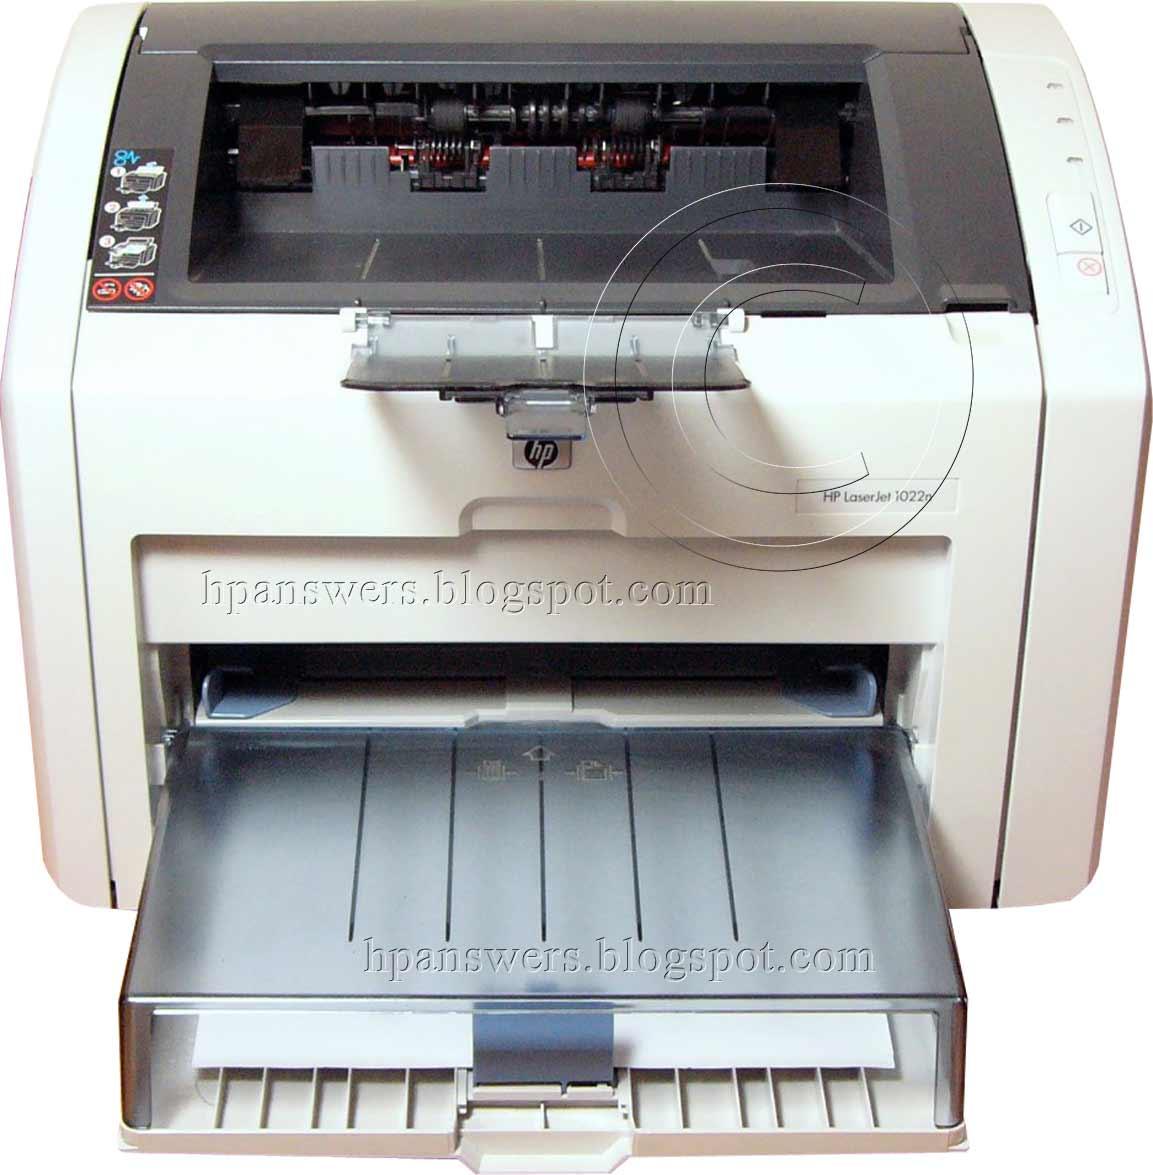 принтер hp до 1022 драйвер скачать для windows